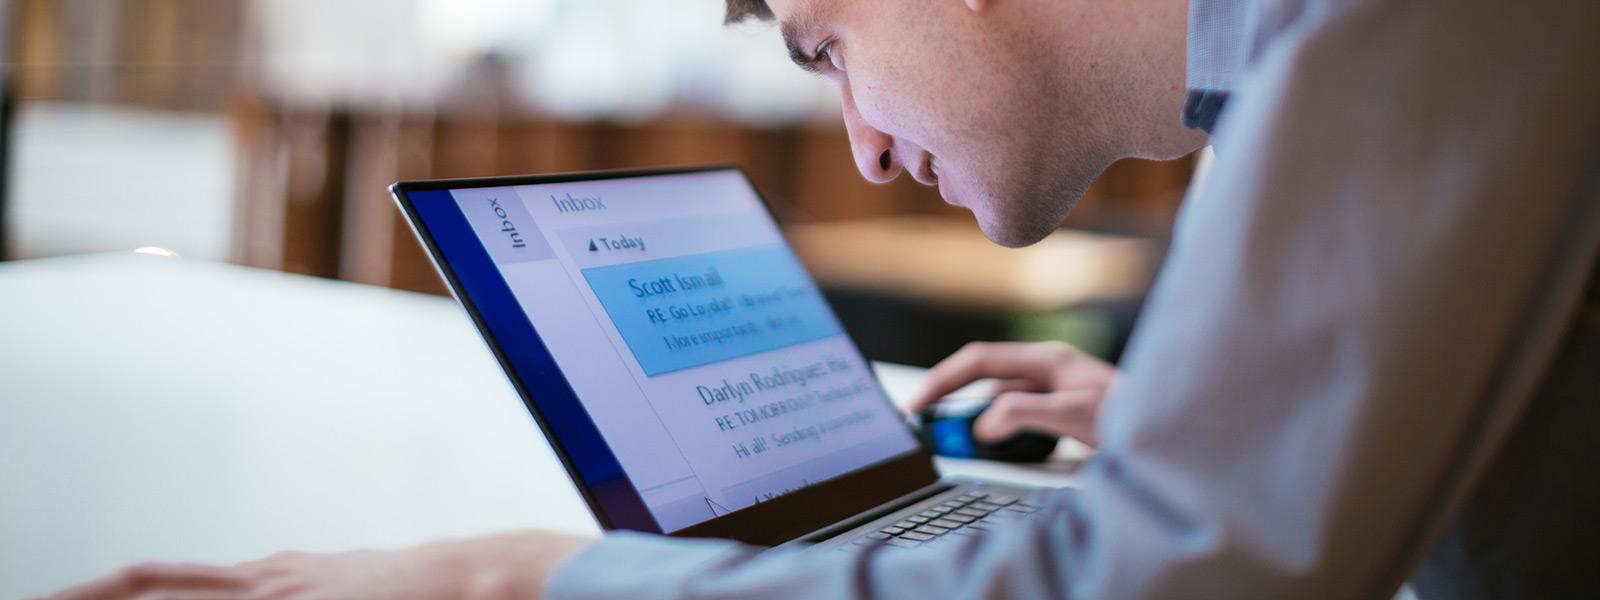 Un homme travaillant sur son ordinateur Windows10 avec un grand texte facile à lire qui apparaît à l'écran